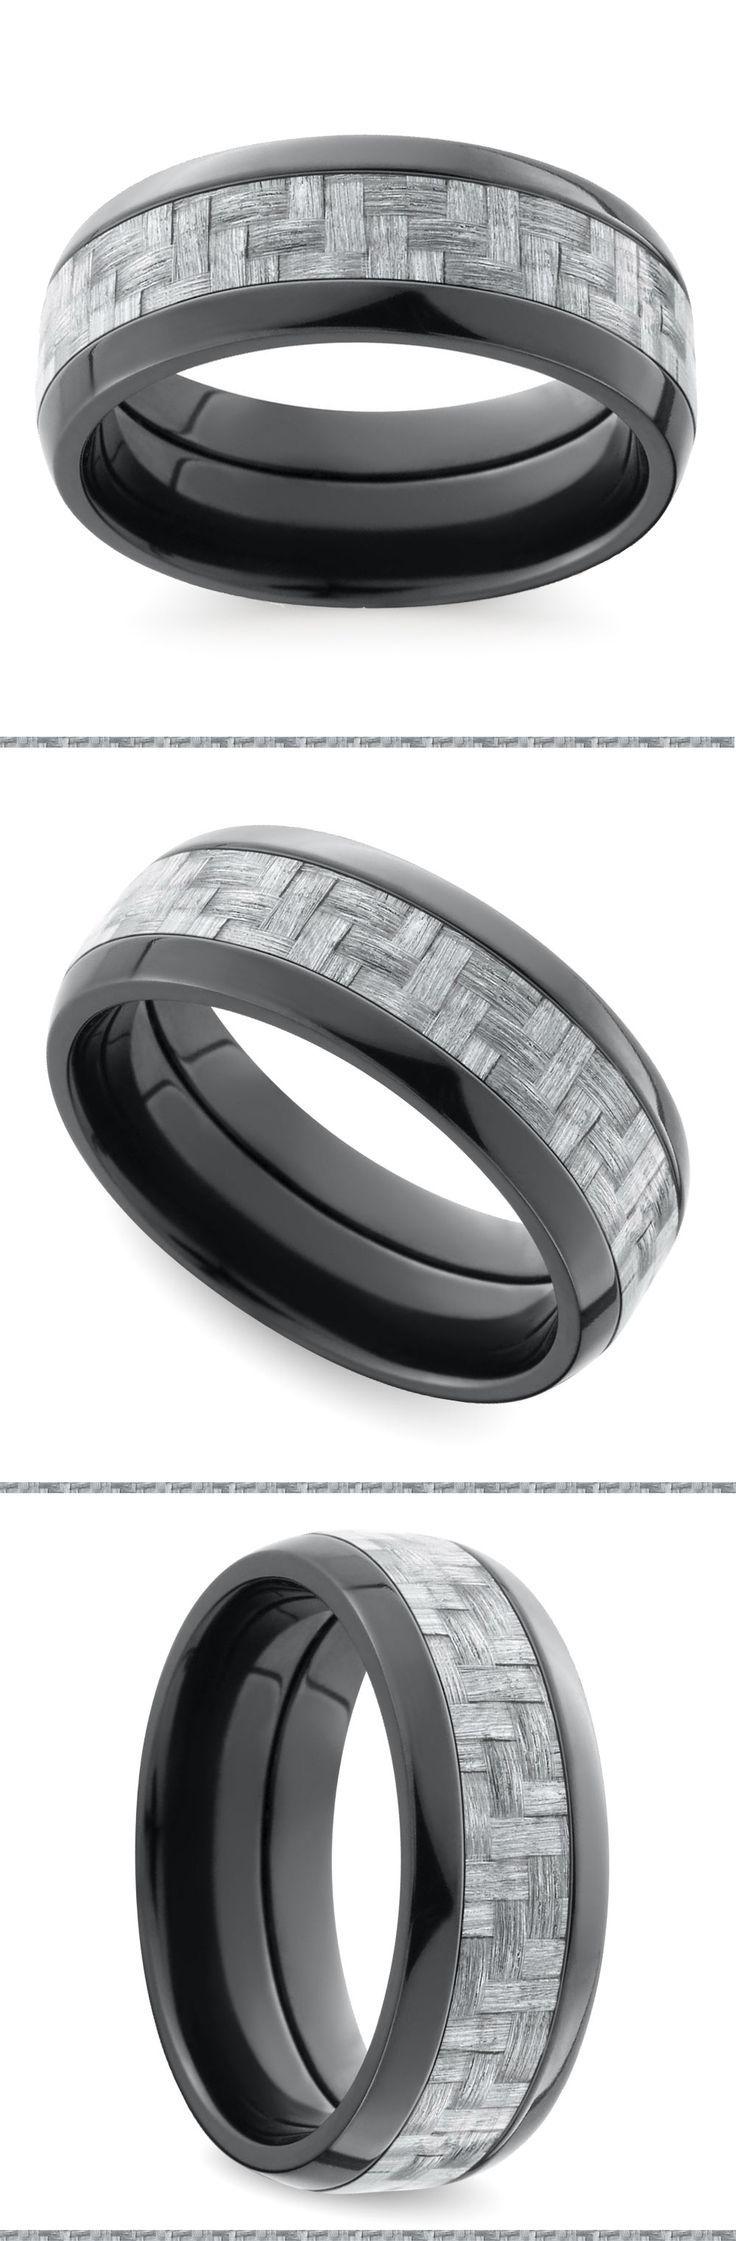 585 best men's wedding rings images on pinterest | men wedding